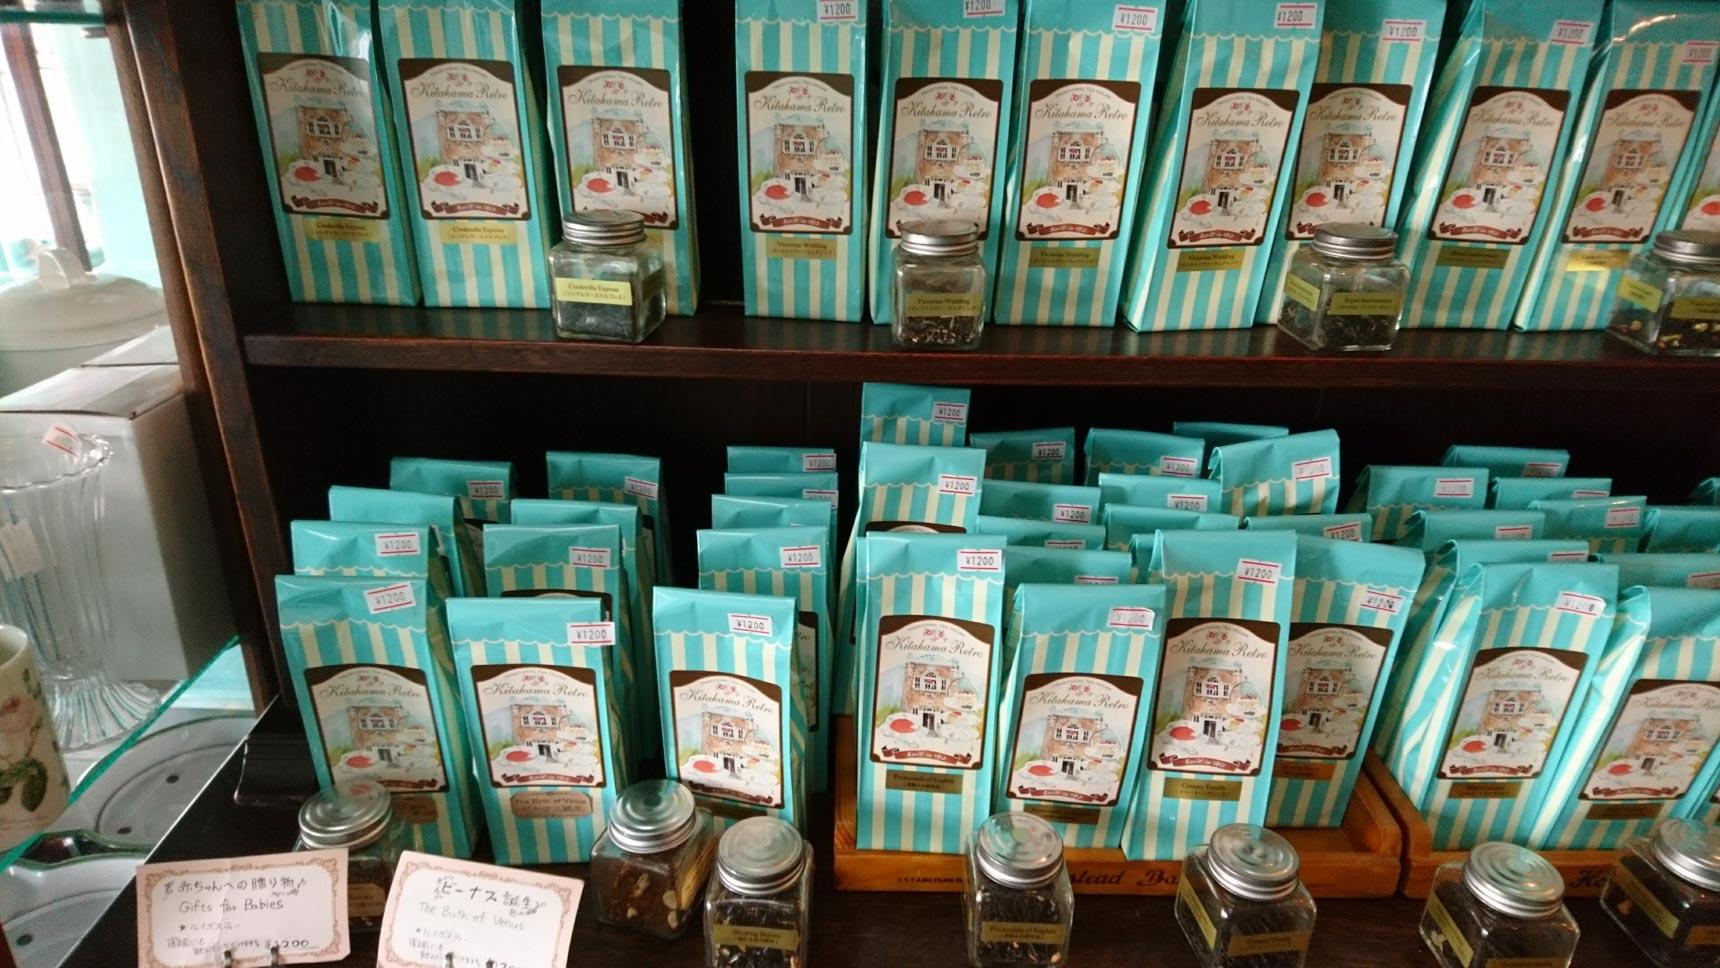 オリジナルパッケージの紅茶は手土産に喜ばれそう。